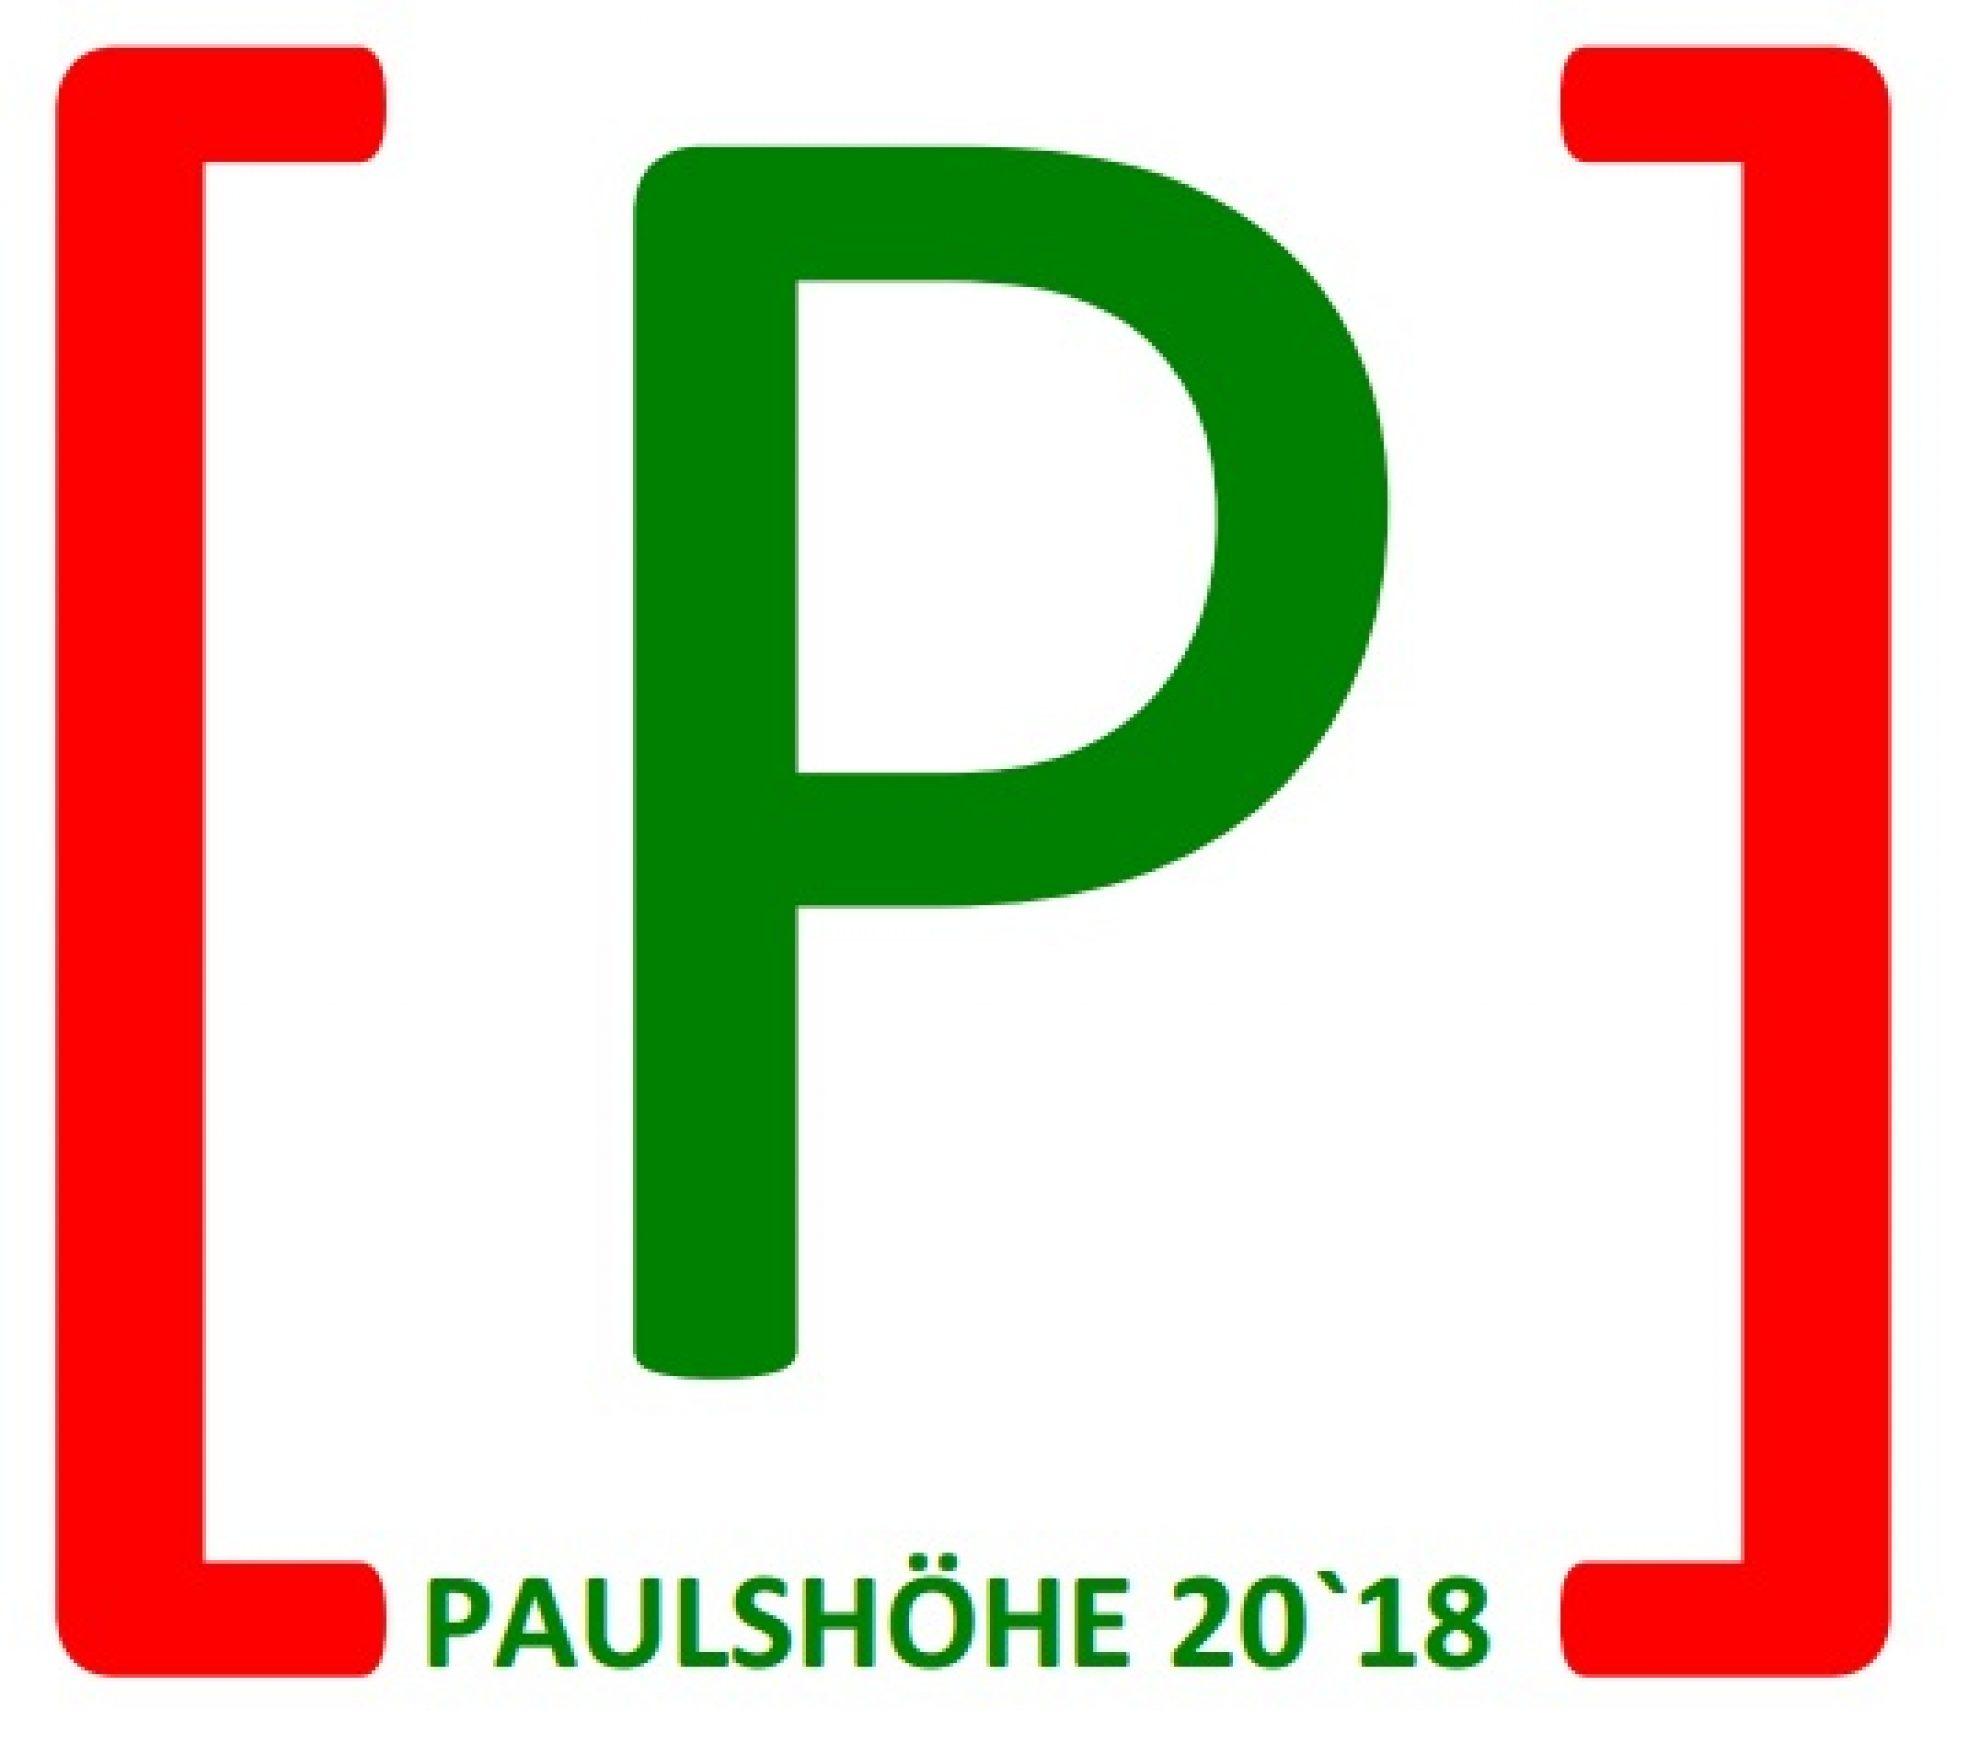 Dies ist das offizielle Logo der Landeshauptstadt Schwerin